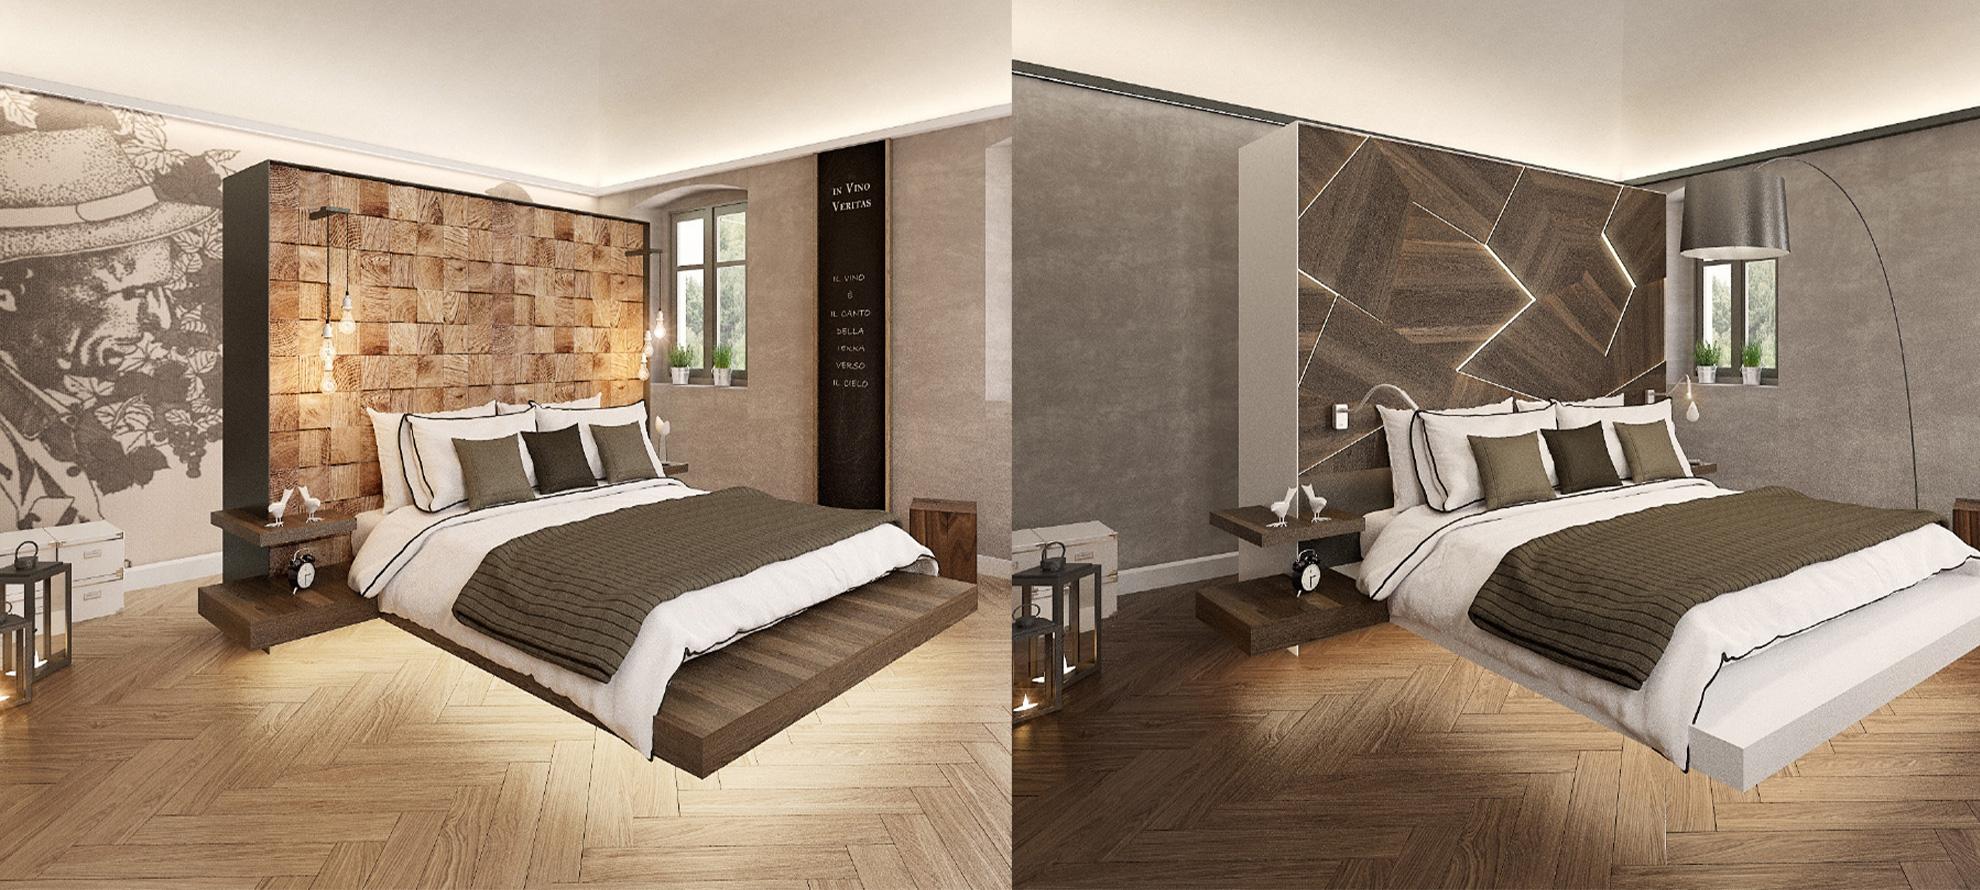 Servizi progettazione di interni ar arredamenti for Progettazione di interni gratis